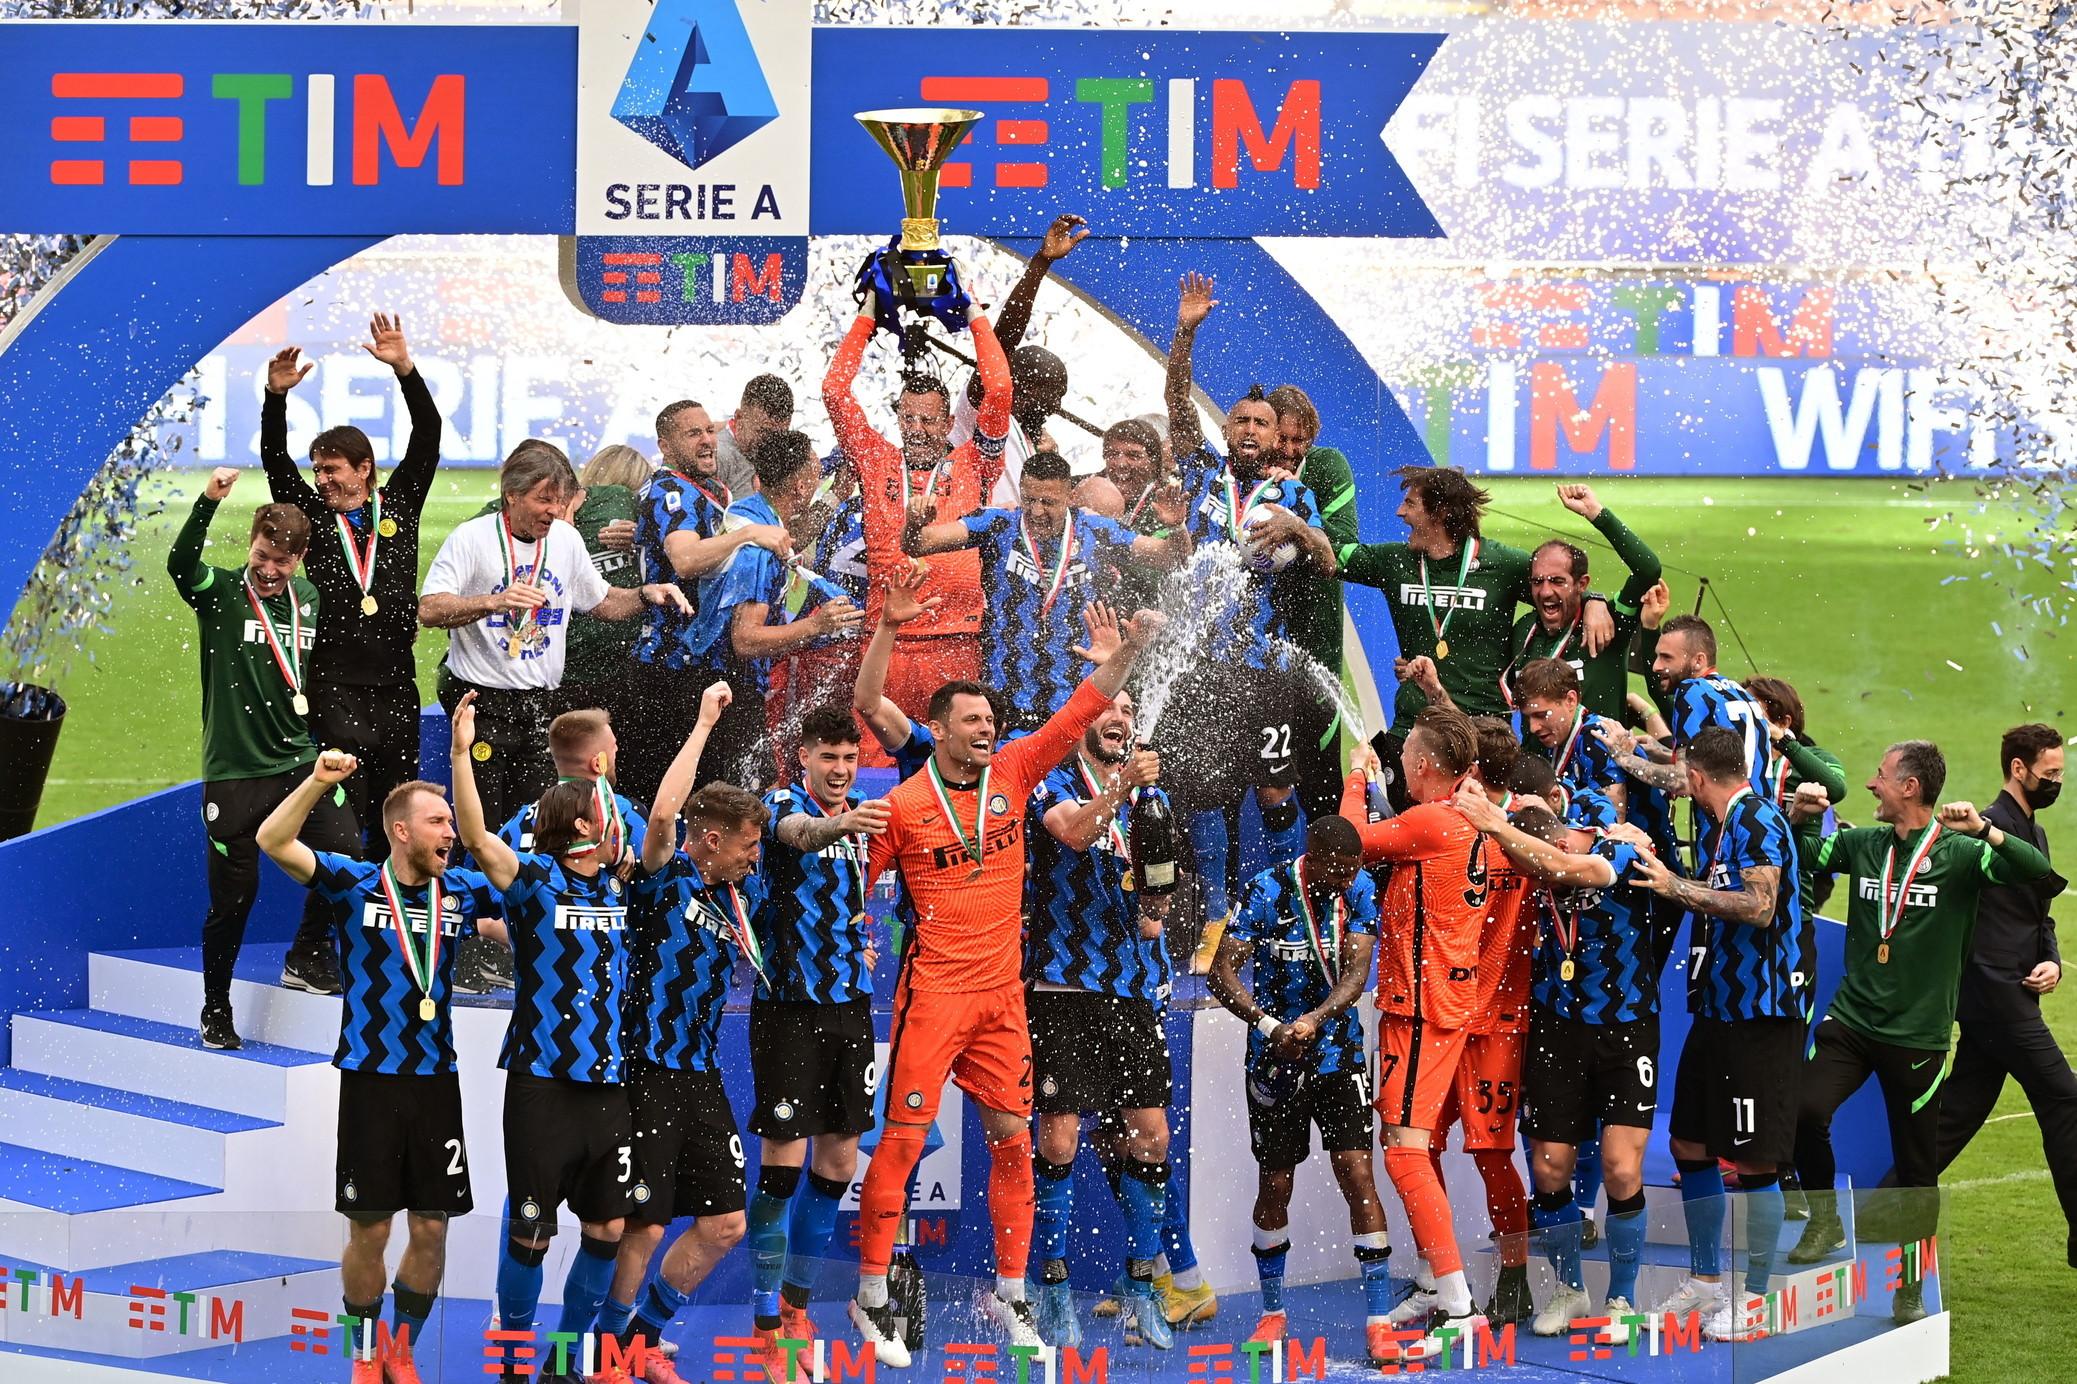 Espletata la formalit&agrave; Udinese, l&#39;Inter alza la coppa dello Scudetto ed &egrave; ufficialmente Campione d&#39;Italia. Alle 17.09 il capitano Samir Handanovic ha alzato al cielo il trofeo che ha dato il via alla festa sul terreno di gioco di San Siro.<br /><br />